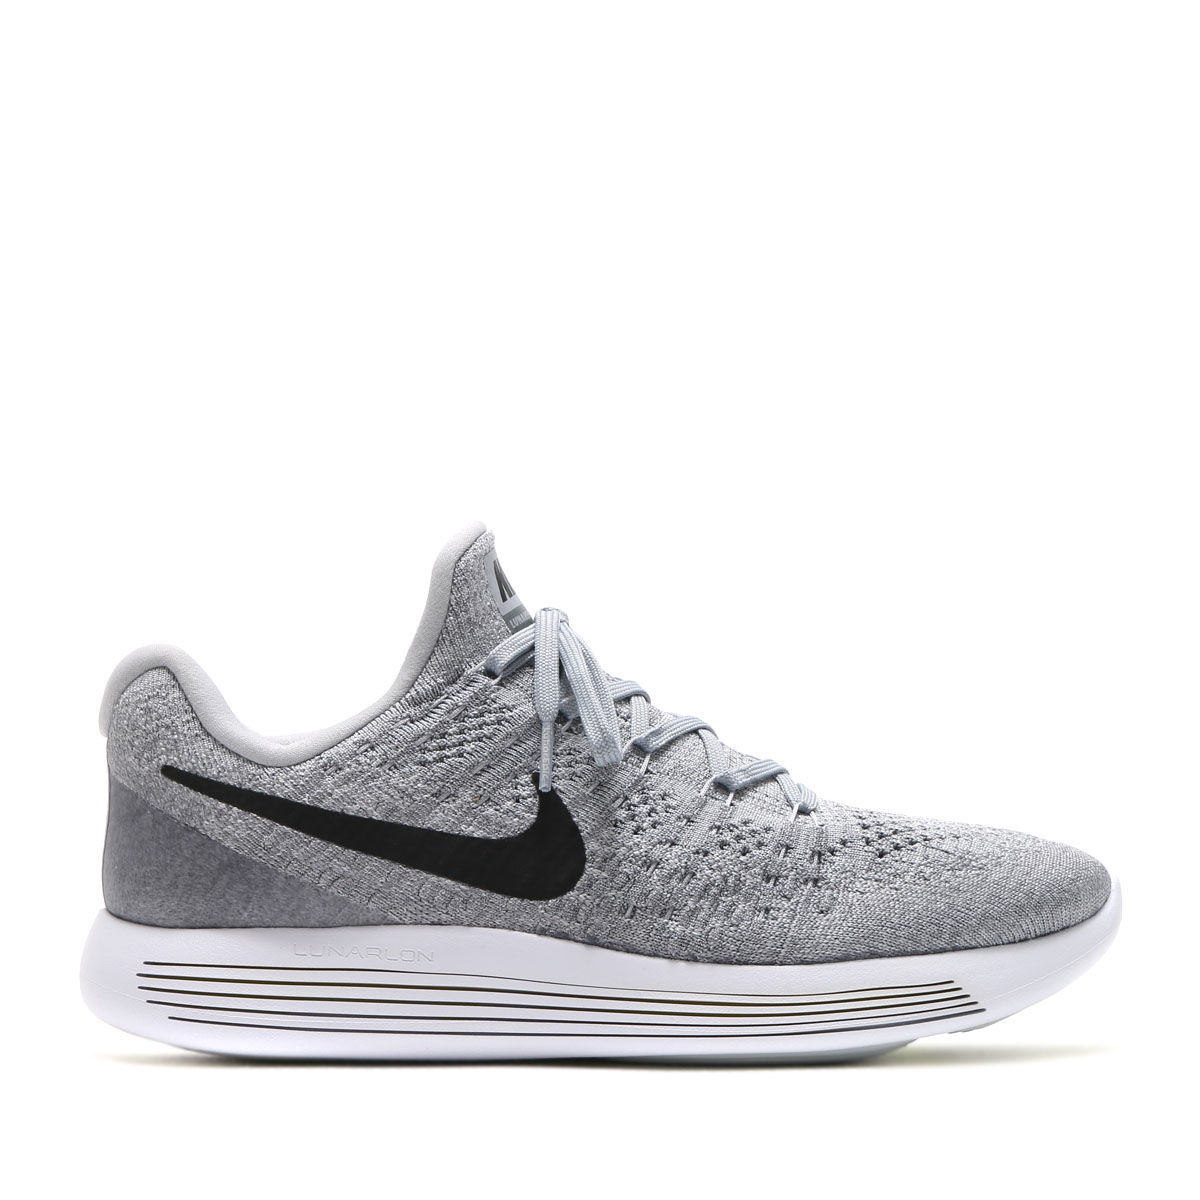 Nike LunarEpic low Flyknit 2 in Grau